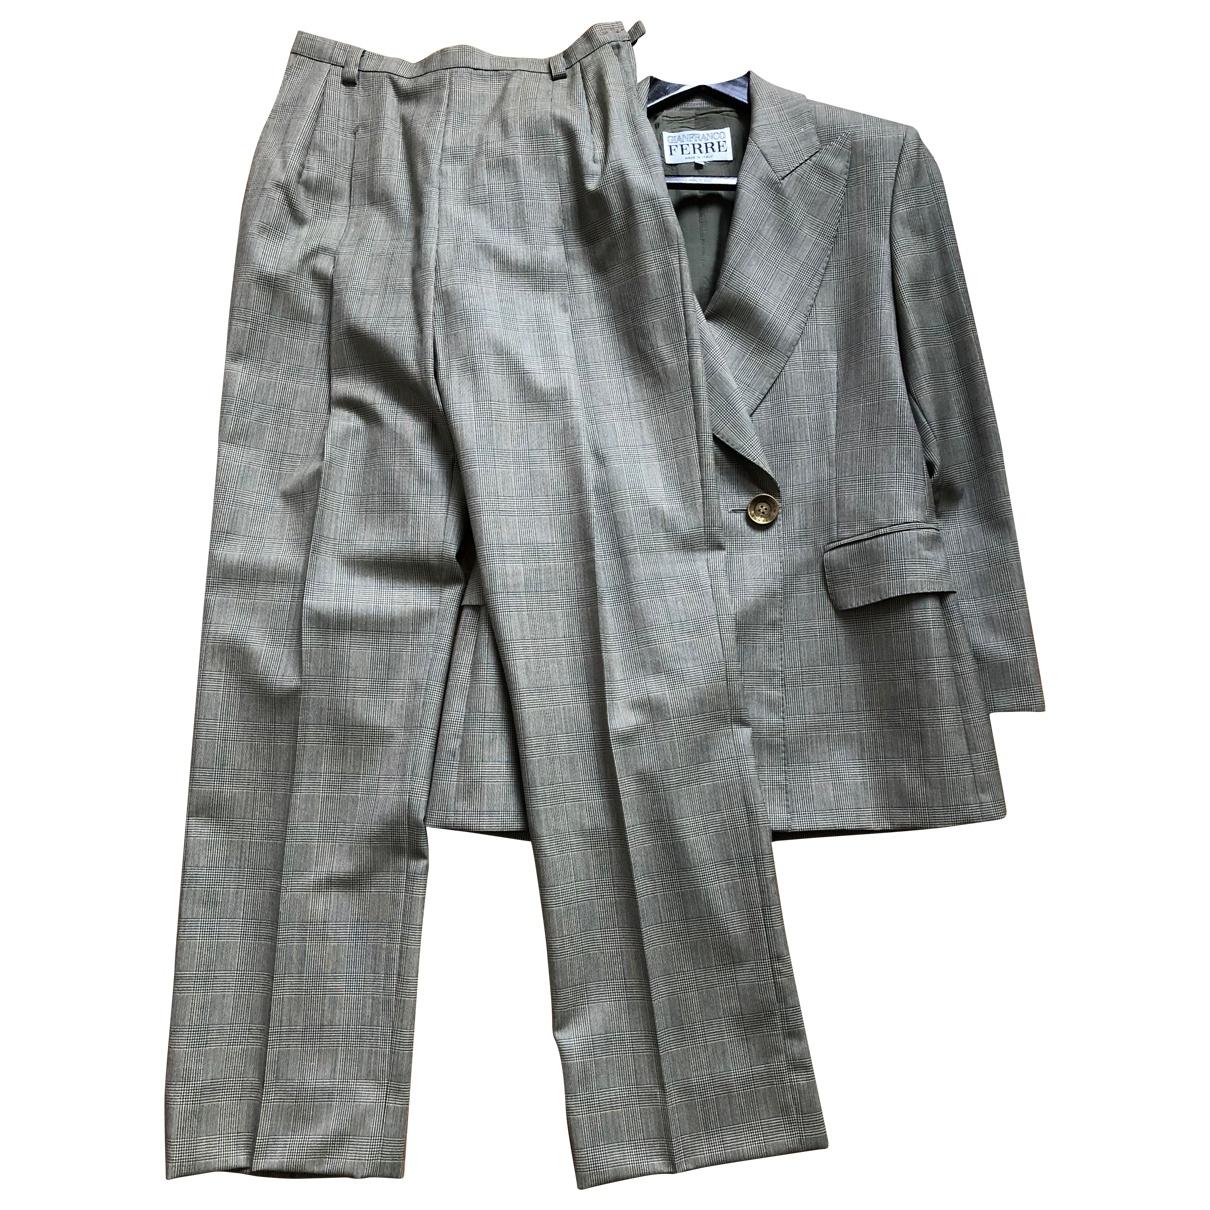 Gianfranco Ferré \N Green Wool jacket for Women 44 IT